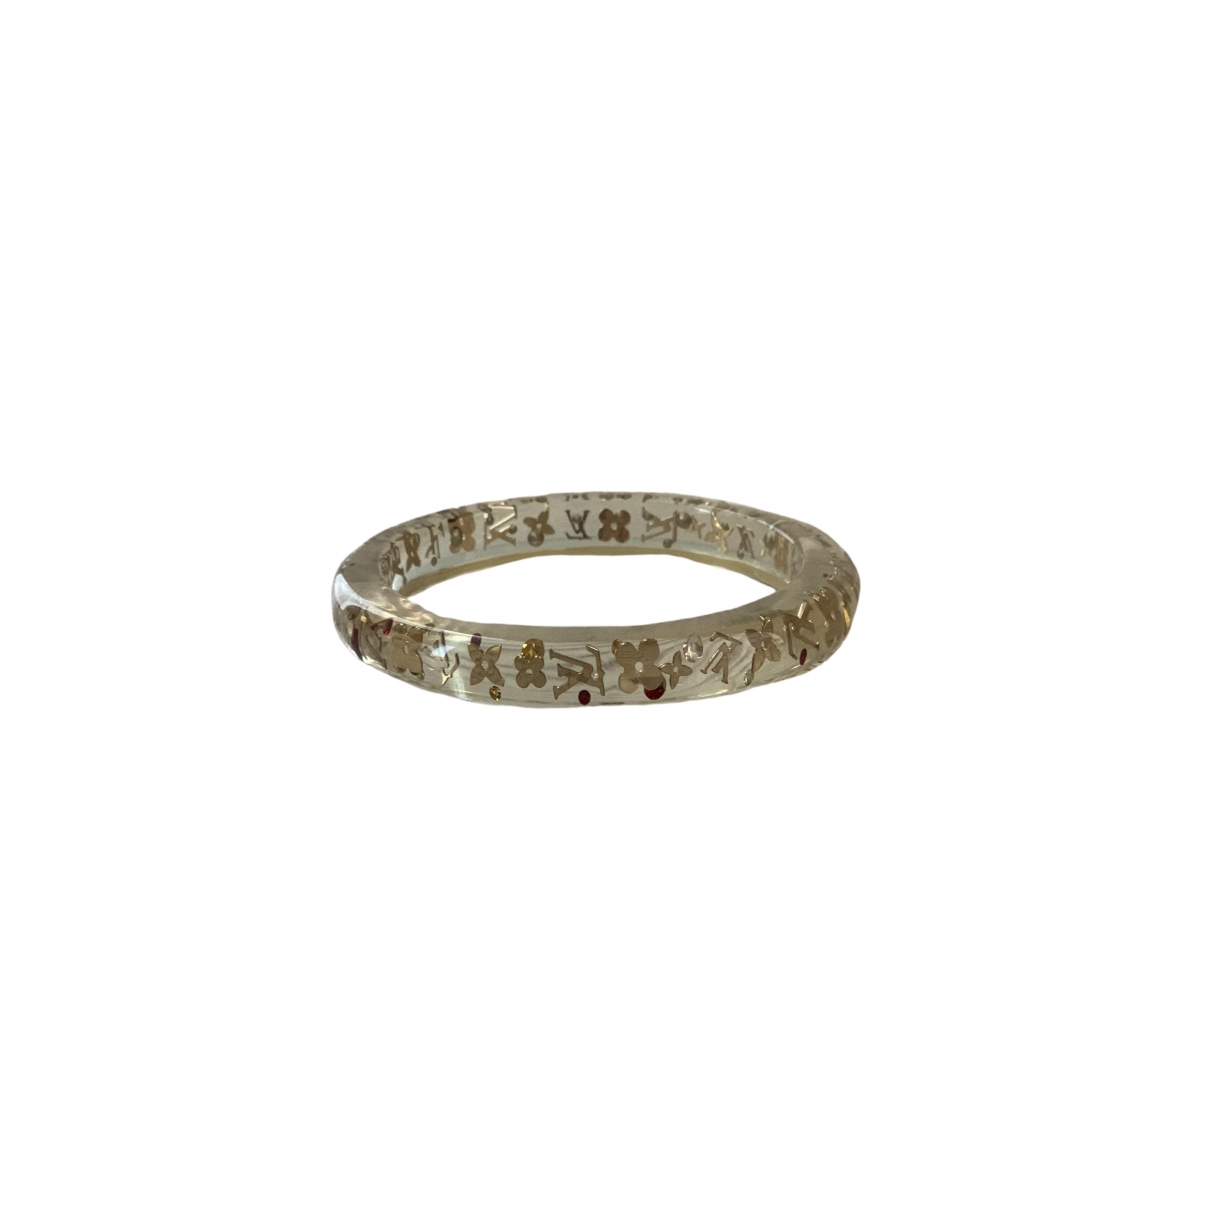 Louis Vuitton - Bracelet Inclusion pour femme - dore